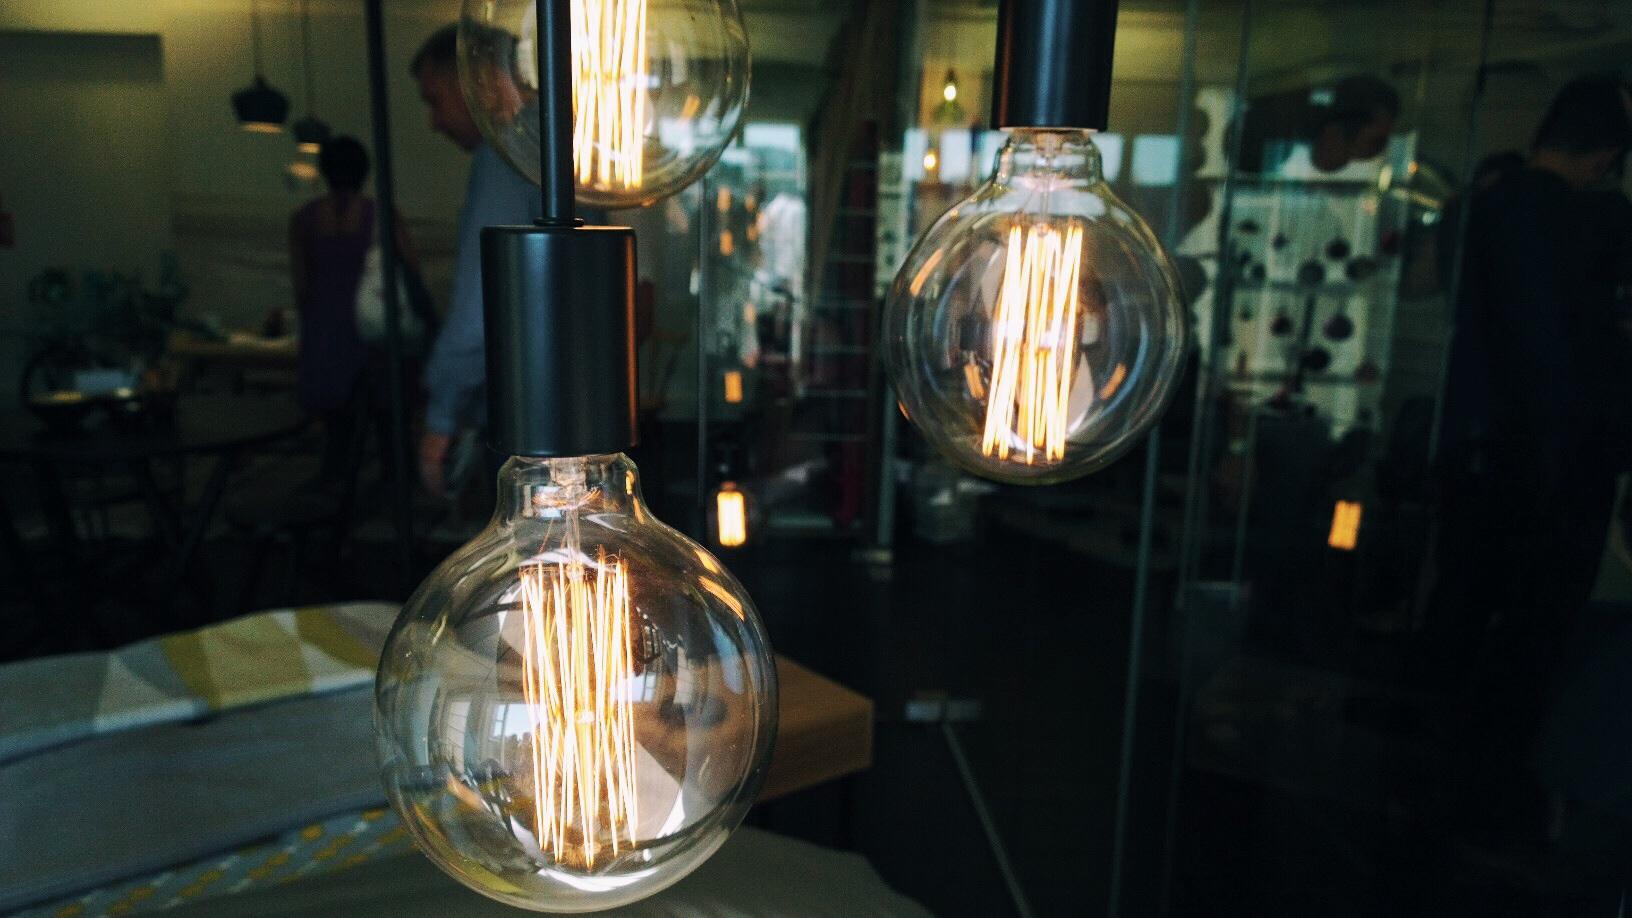 heals filament bulbs